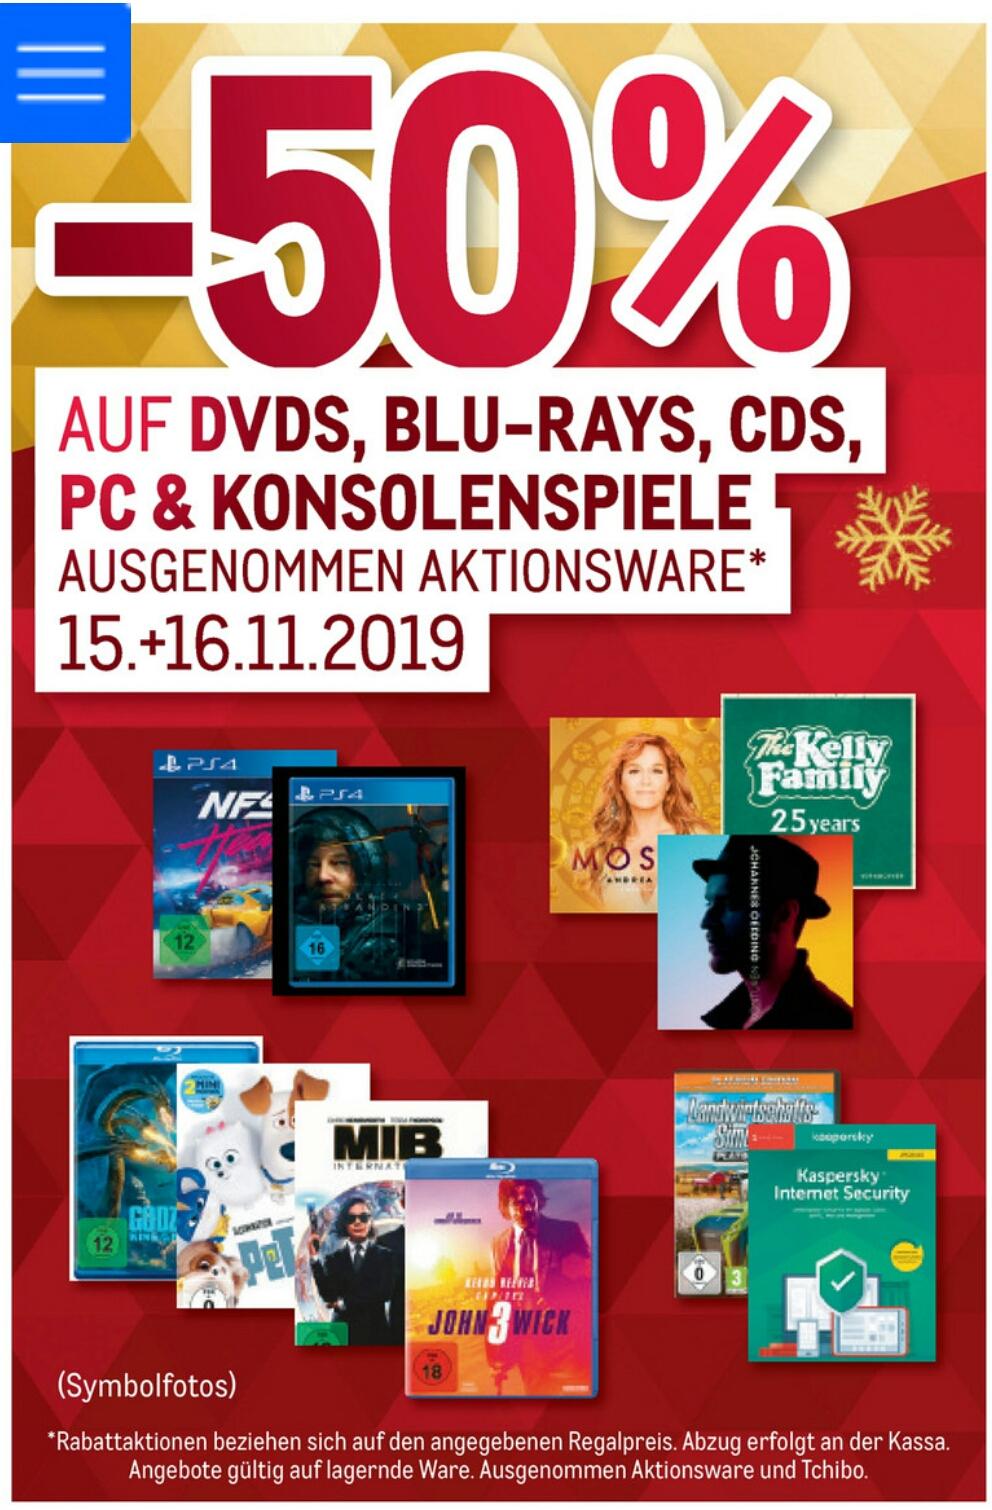 [METRO] -50% auf alle PC & Konsolenspiele inkl. PS4 , Blu-ray, CD's und DVD's